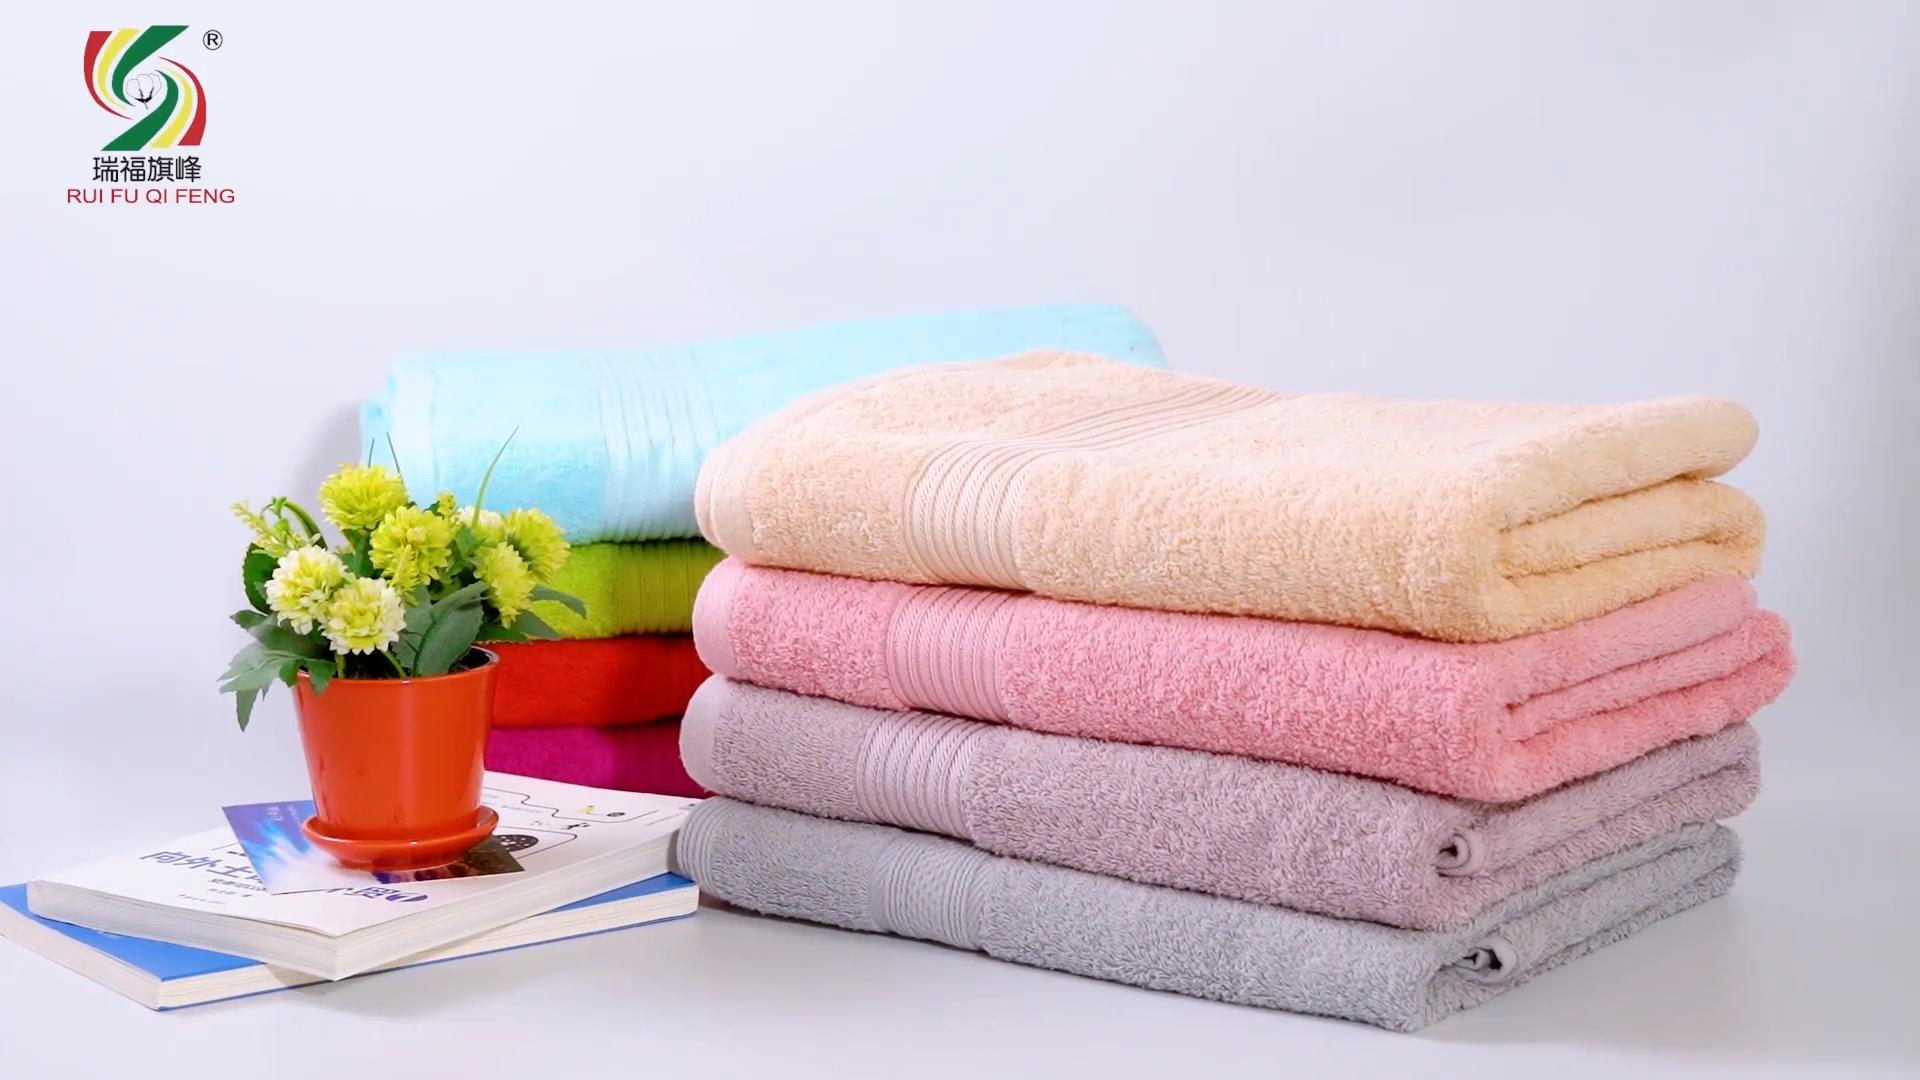 ผ้าฝ้าย100% 5 Starผู้ผลิตขายส่งที่กำหนดเองส่งเสริมการขายโรงแรมผ้าเช็ดตัวผ้าเช็ดตัวผ้าฝ้าย100